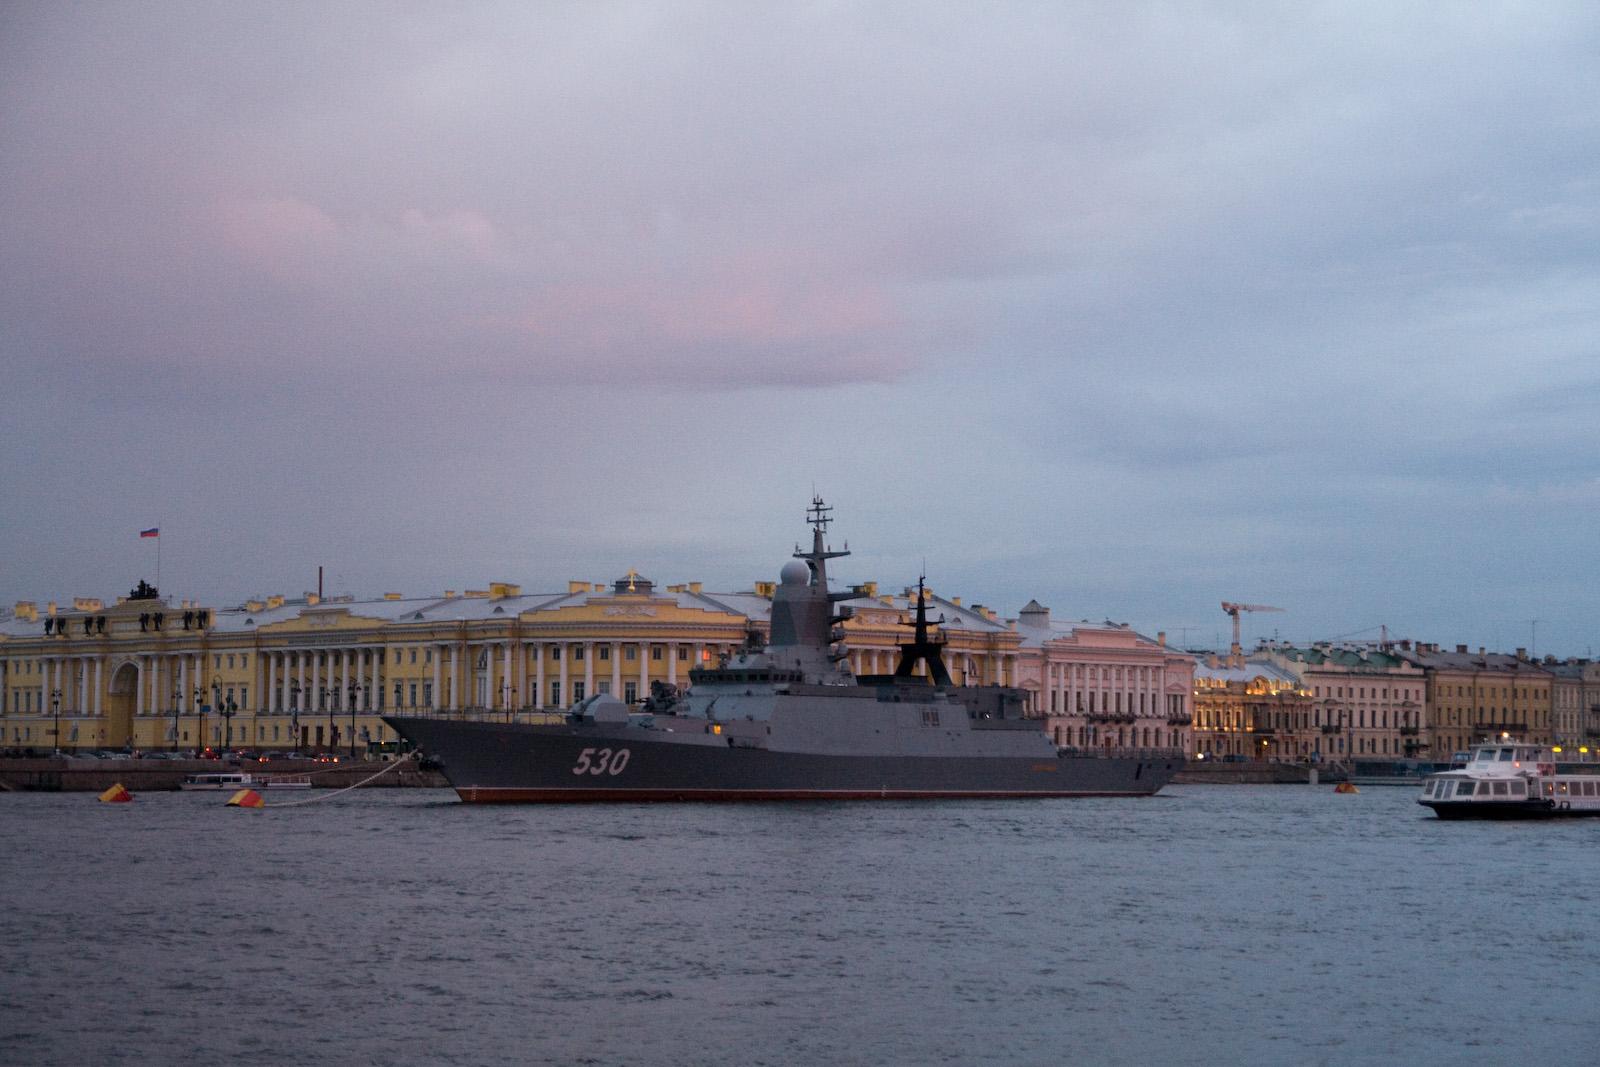 gepard class frigates